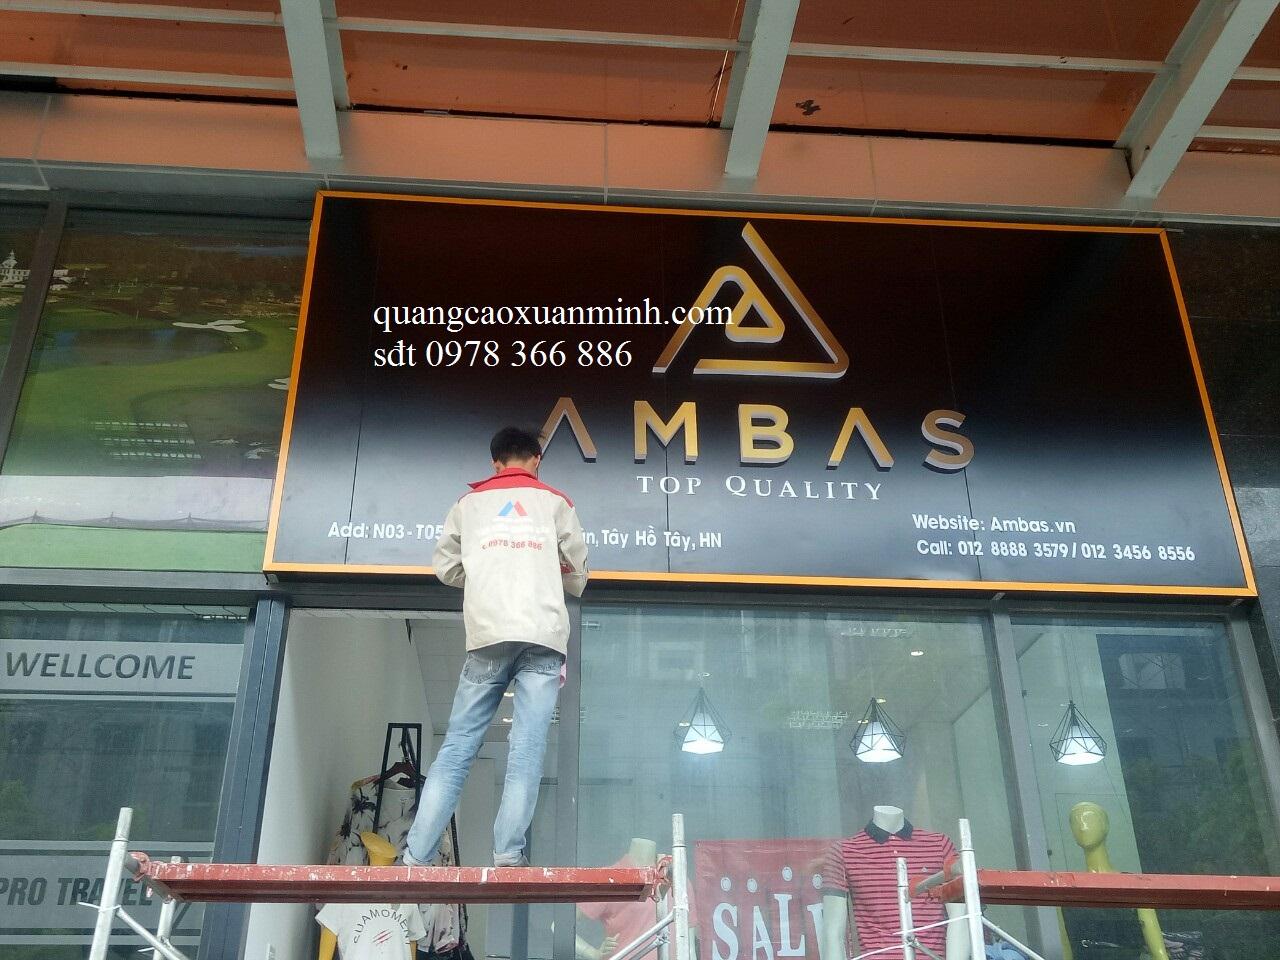 Làm biển quảng cáo tại Phạm Văn Đồng